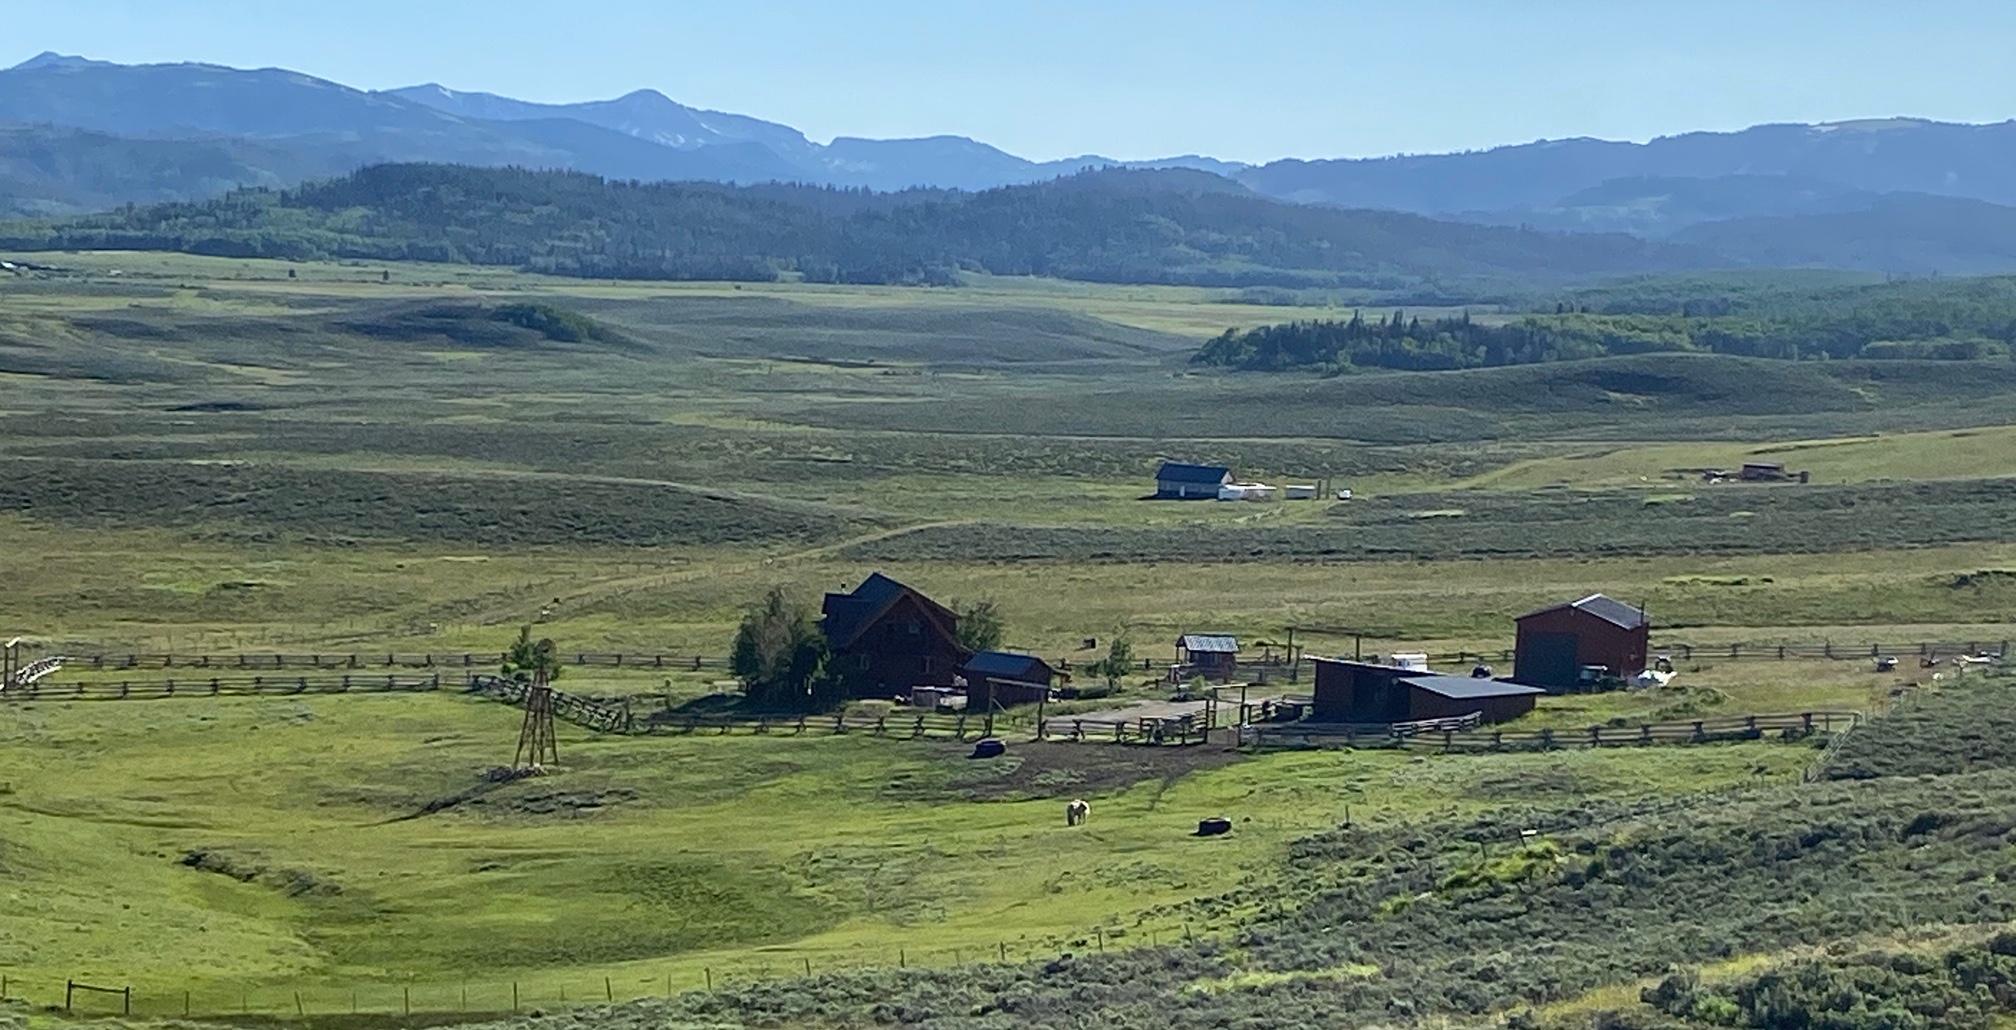 Little Daniel Ranch